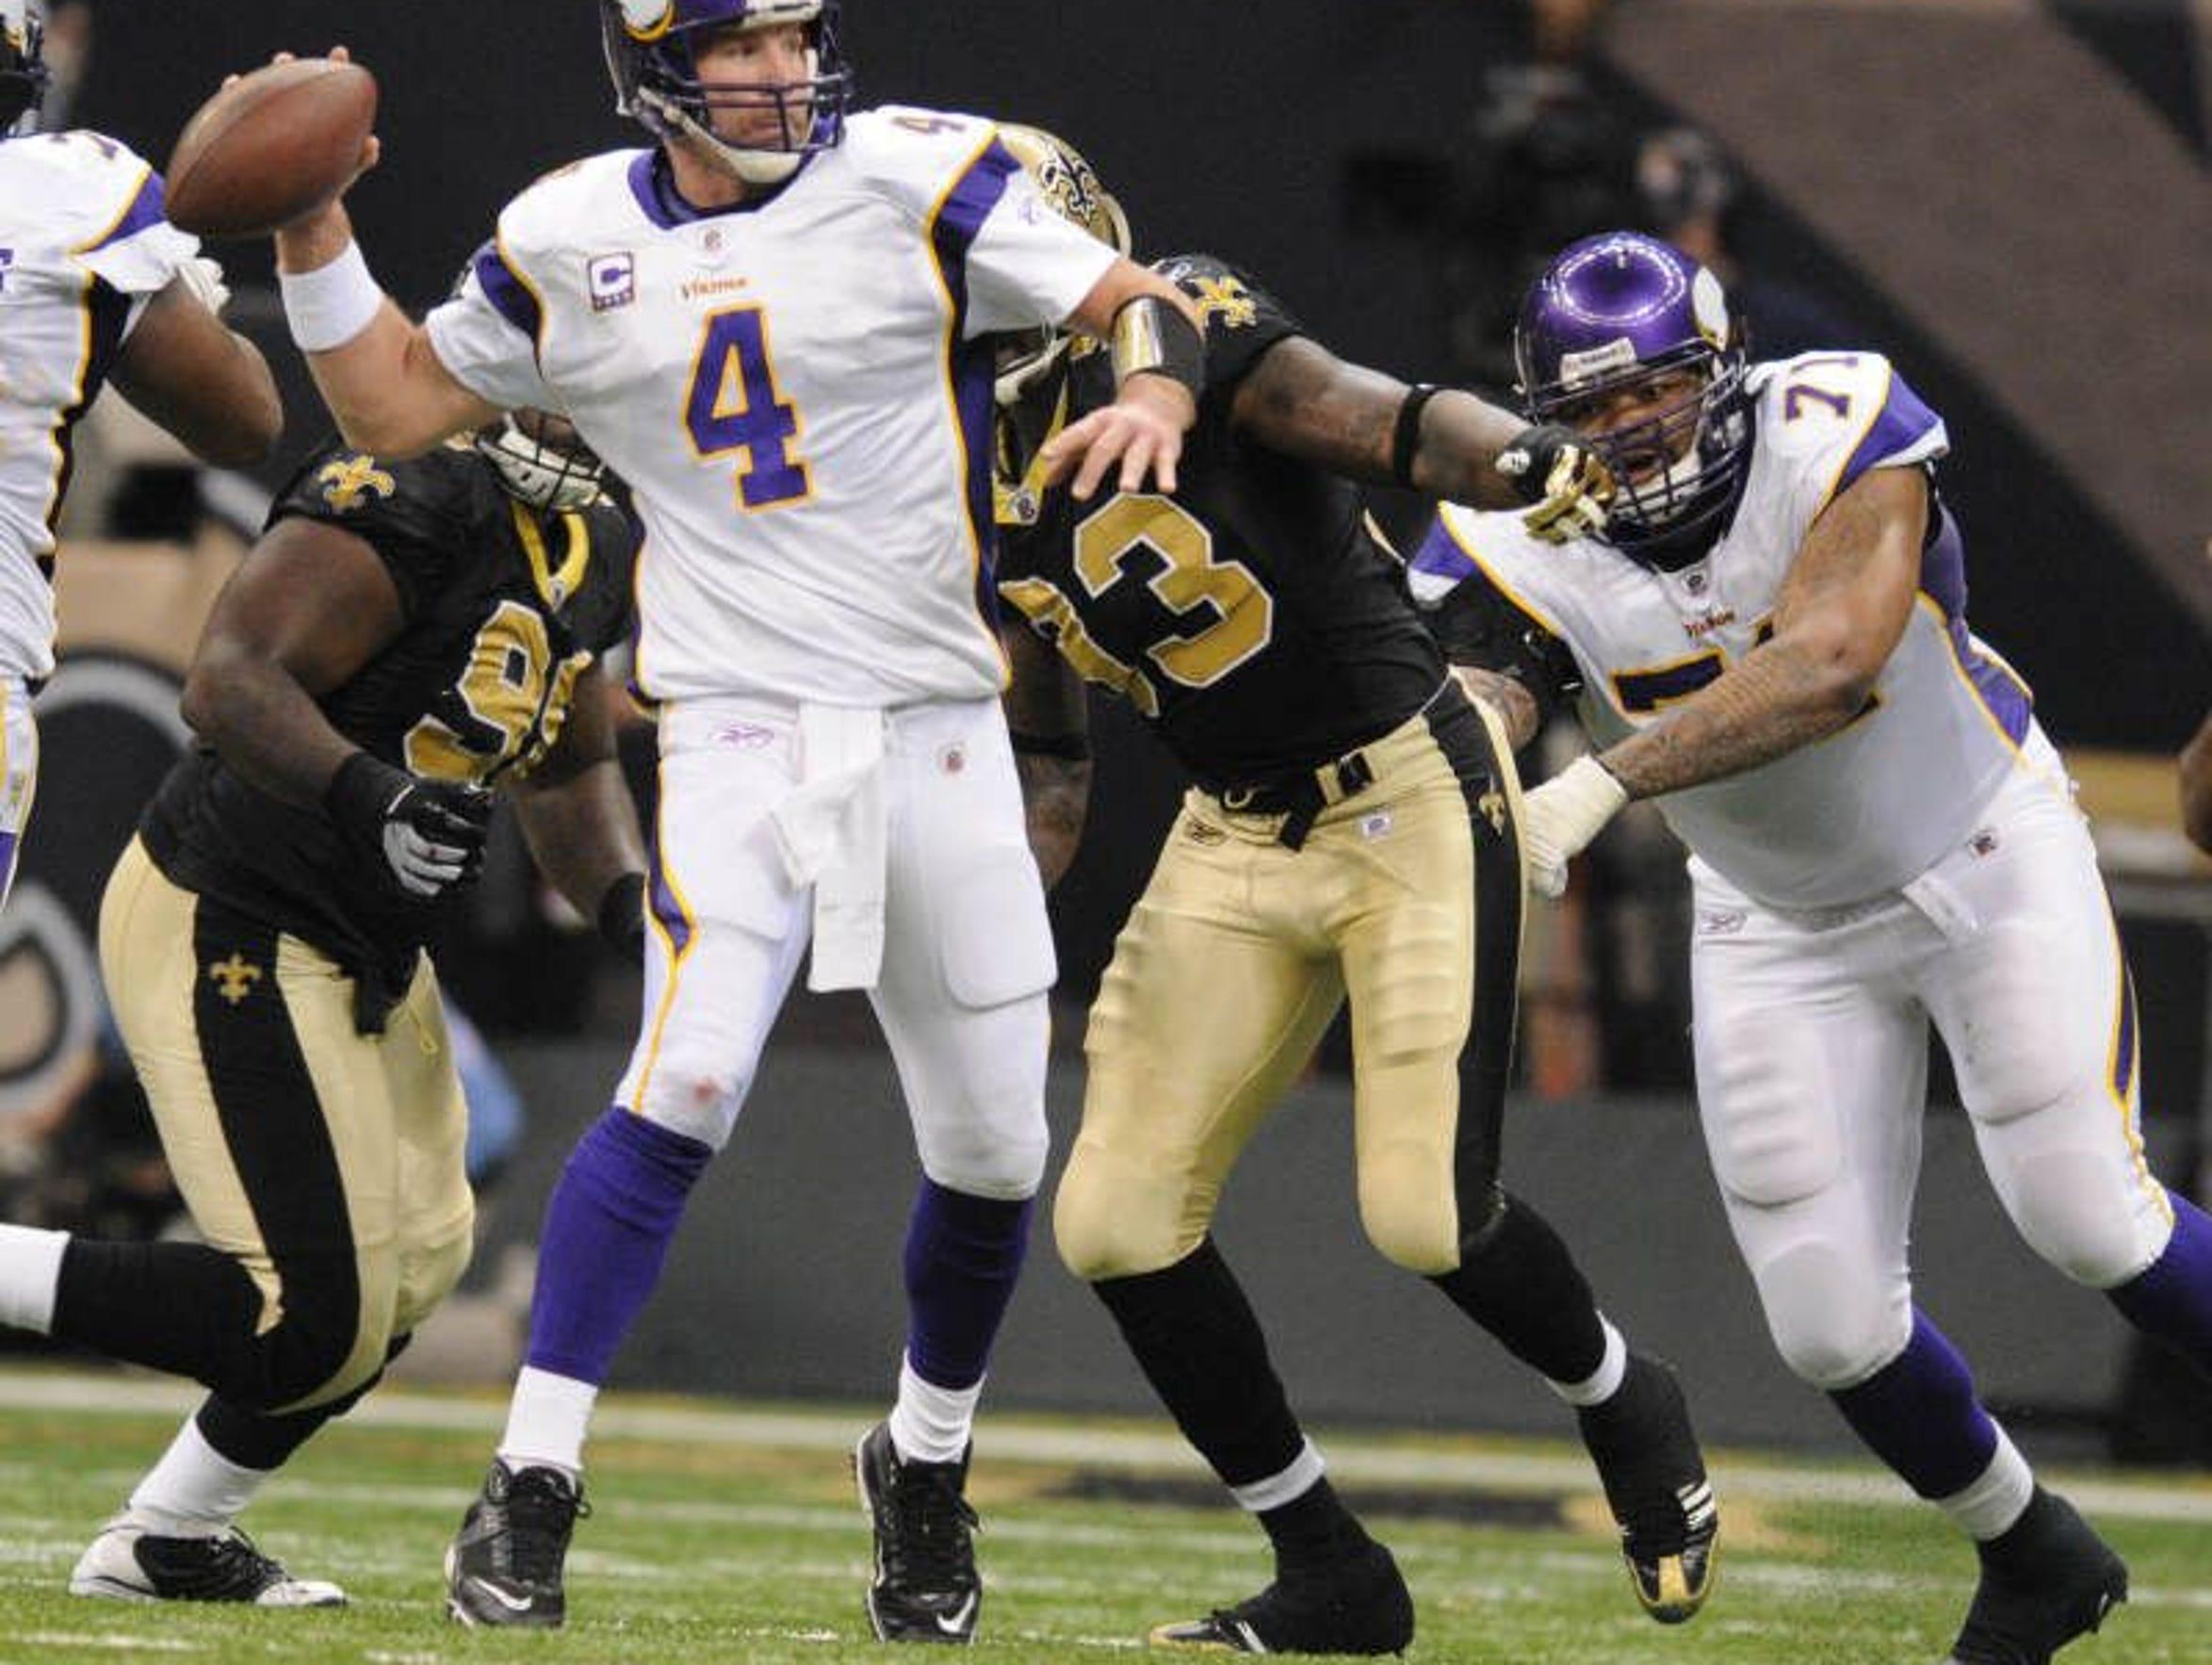 Minnesota Vikings quarterback Brett Favre looks for